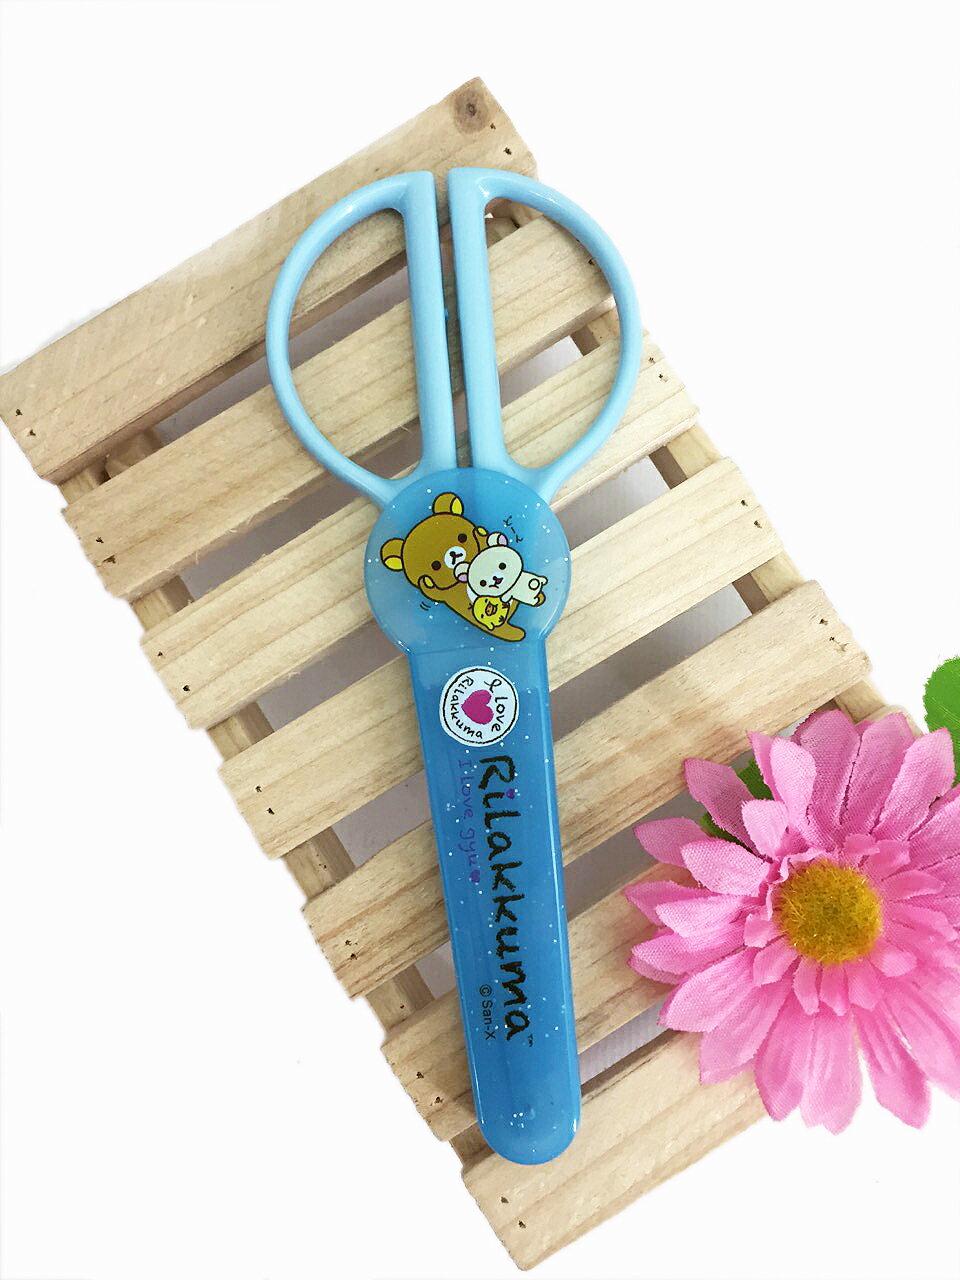 【真愛日本】15061500003 多功能攜帶型剪刀-藍 SAN-X 懶熊 奶妹 奶熊 拉拉熊 文具 辦公 正品 限量 預購